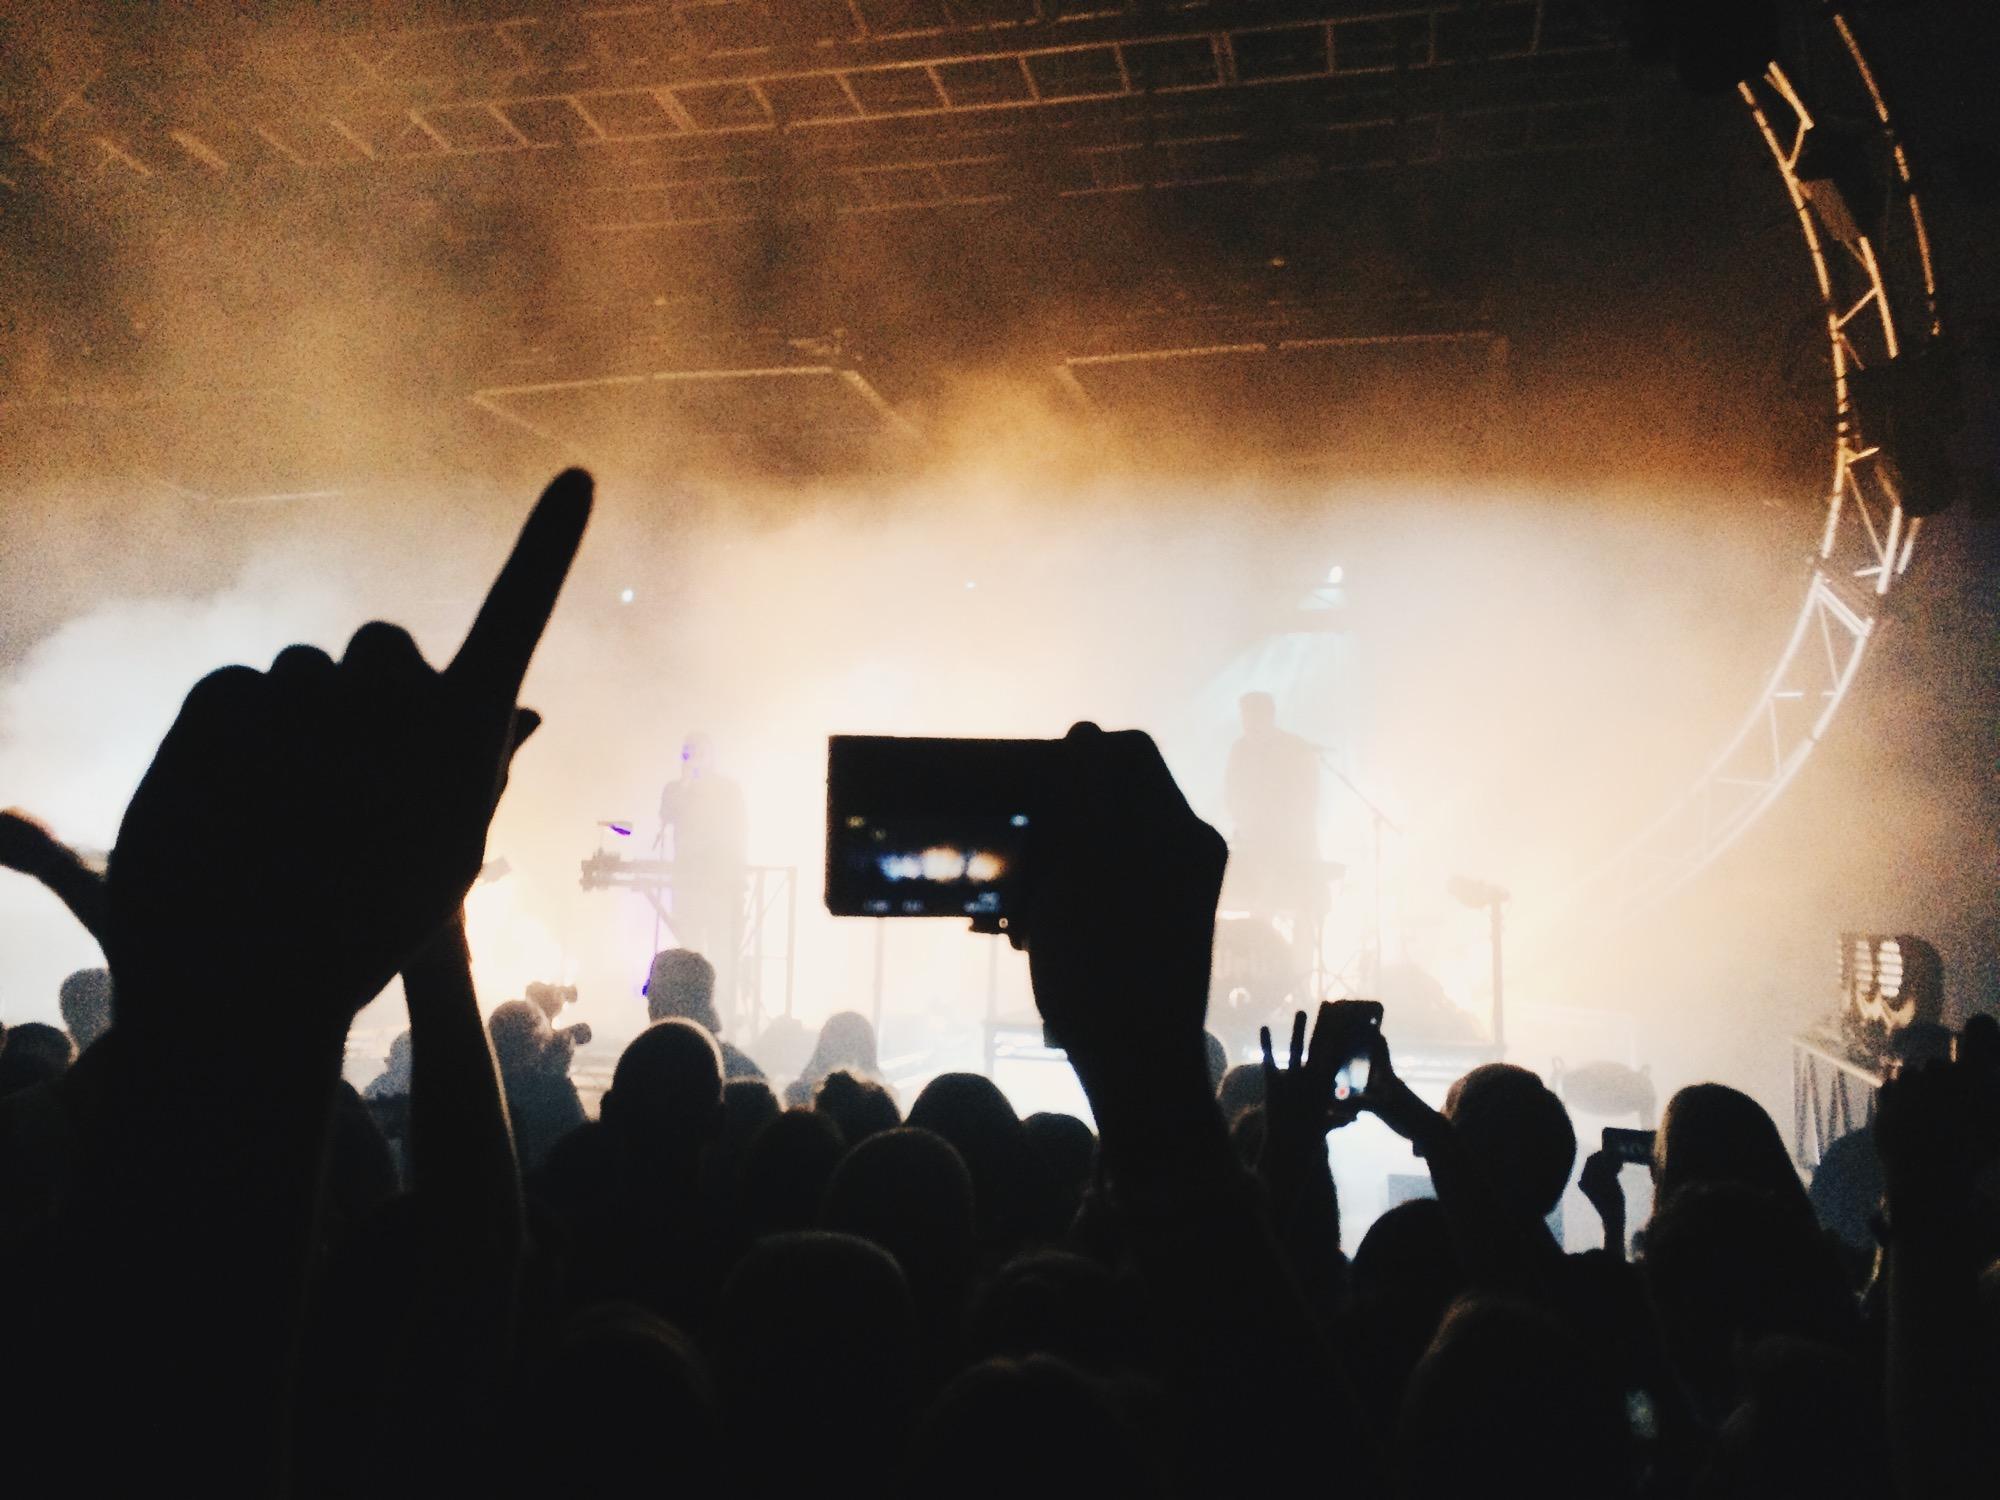 publiek-en-band-op-het-podium